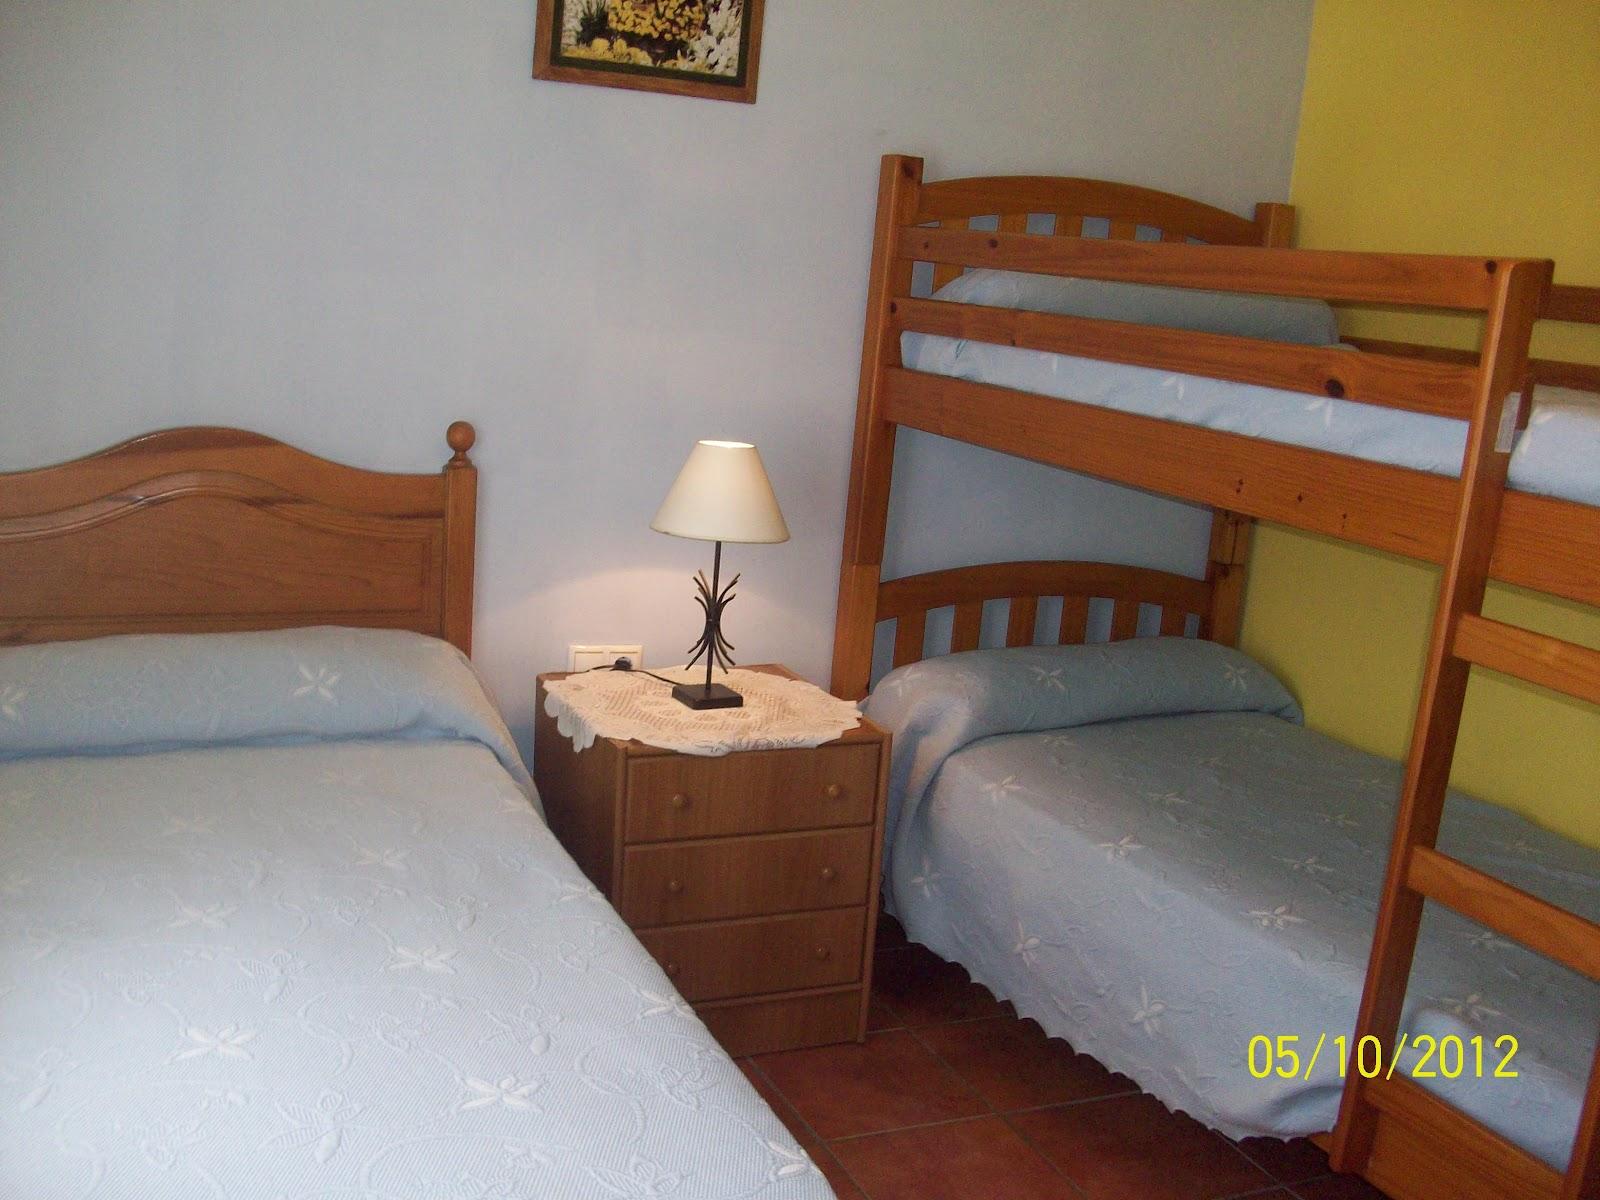 Casa villalba dormitorio individual con tres camas for Dormitorios tres camas